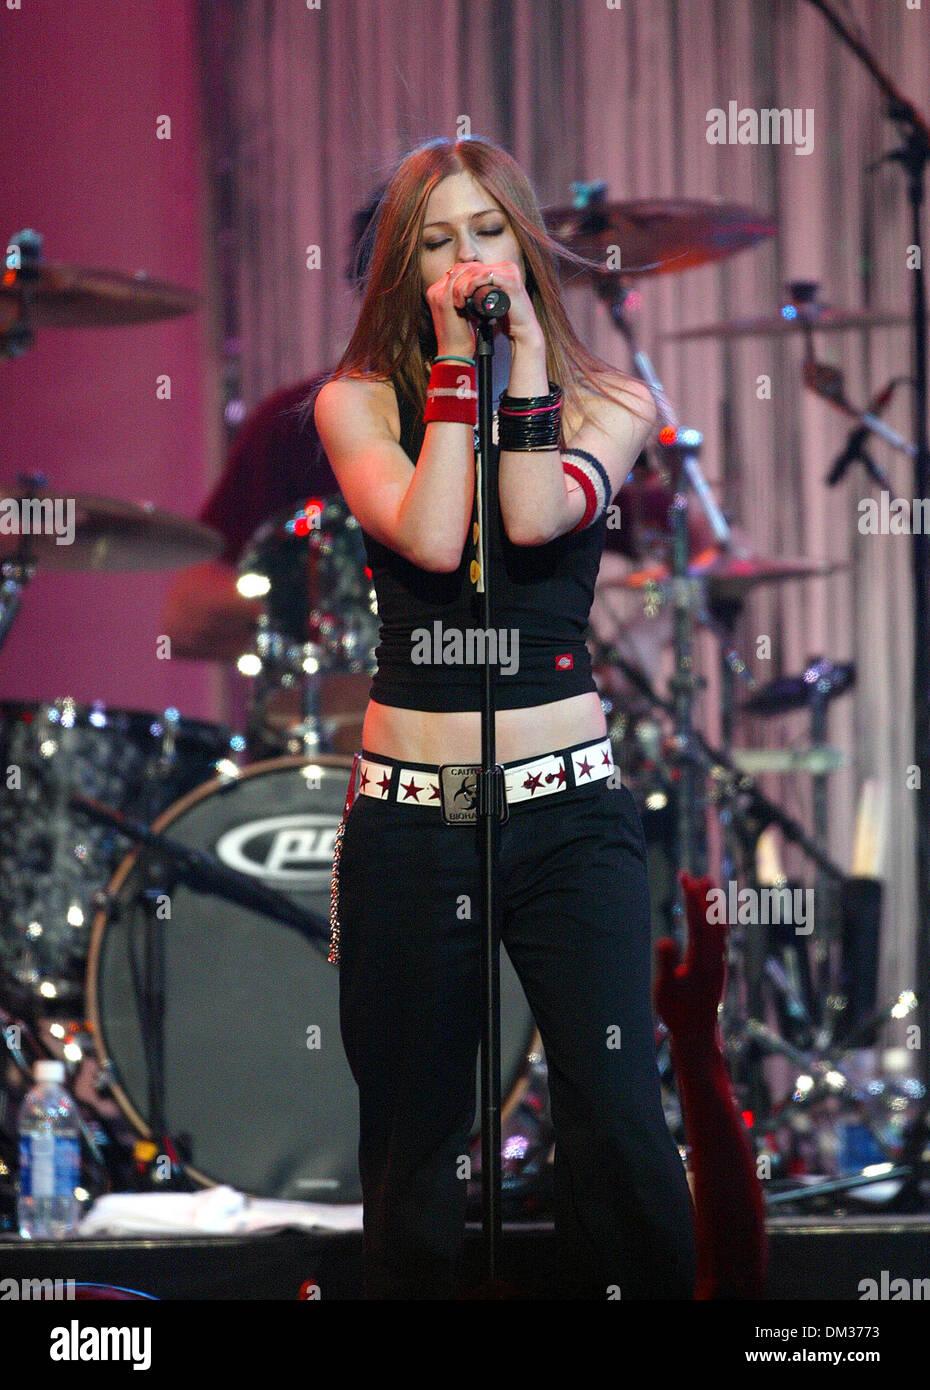 Avril Lavigne 2002 Stock Photos & Avril Lavigne 2002 Stock ...